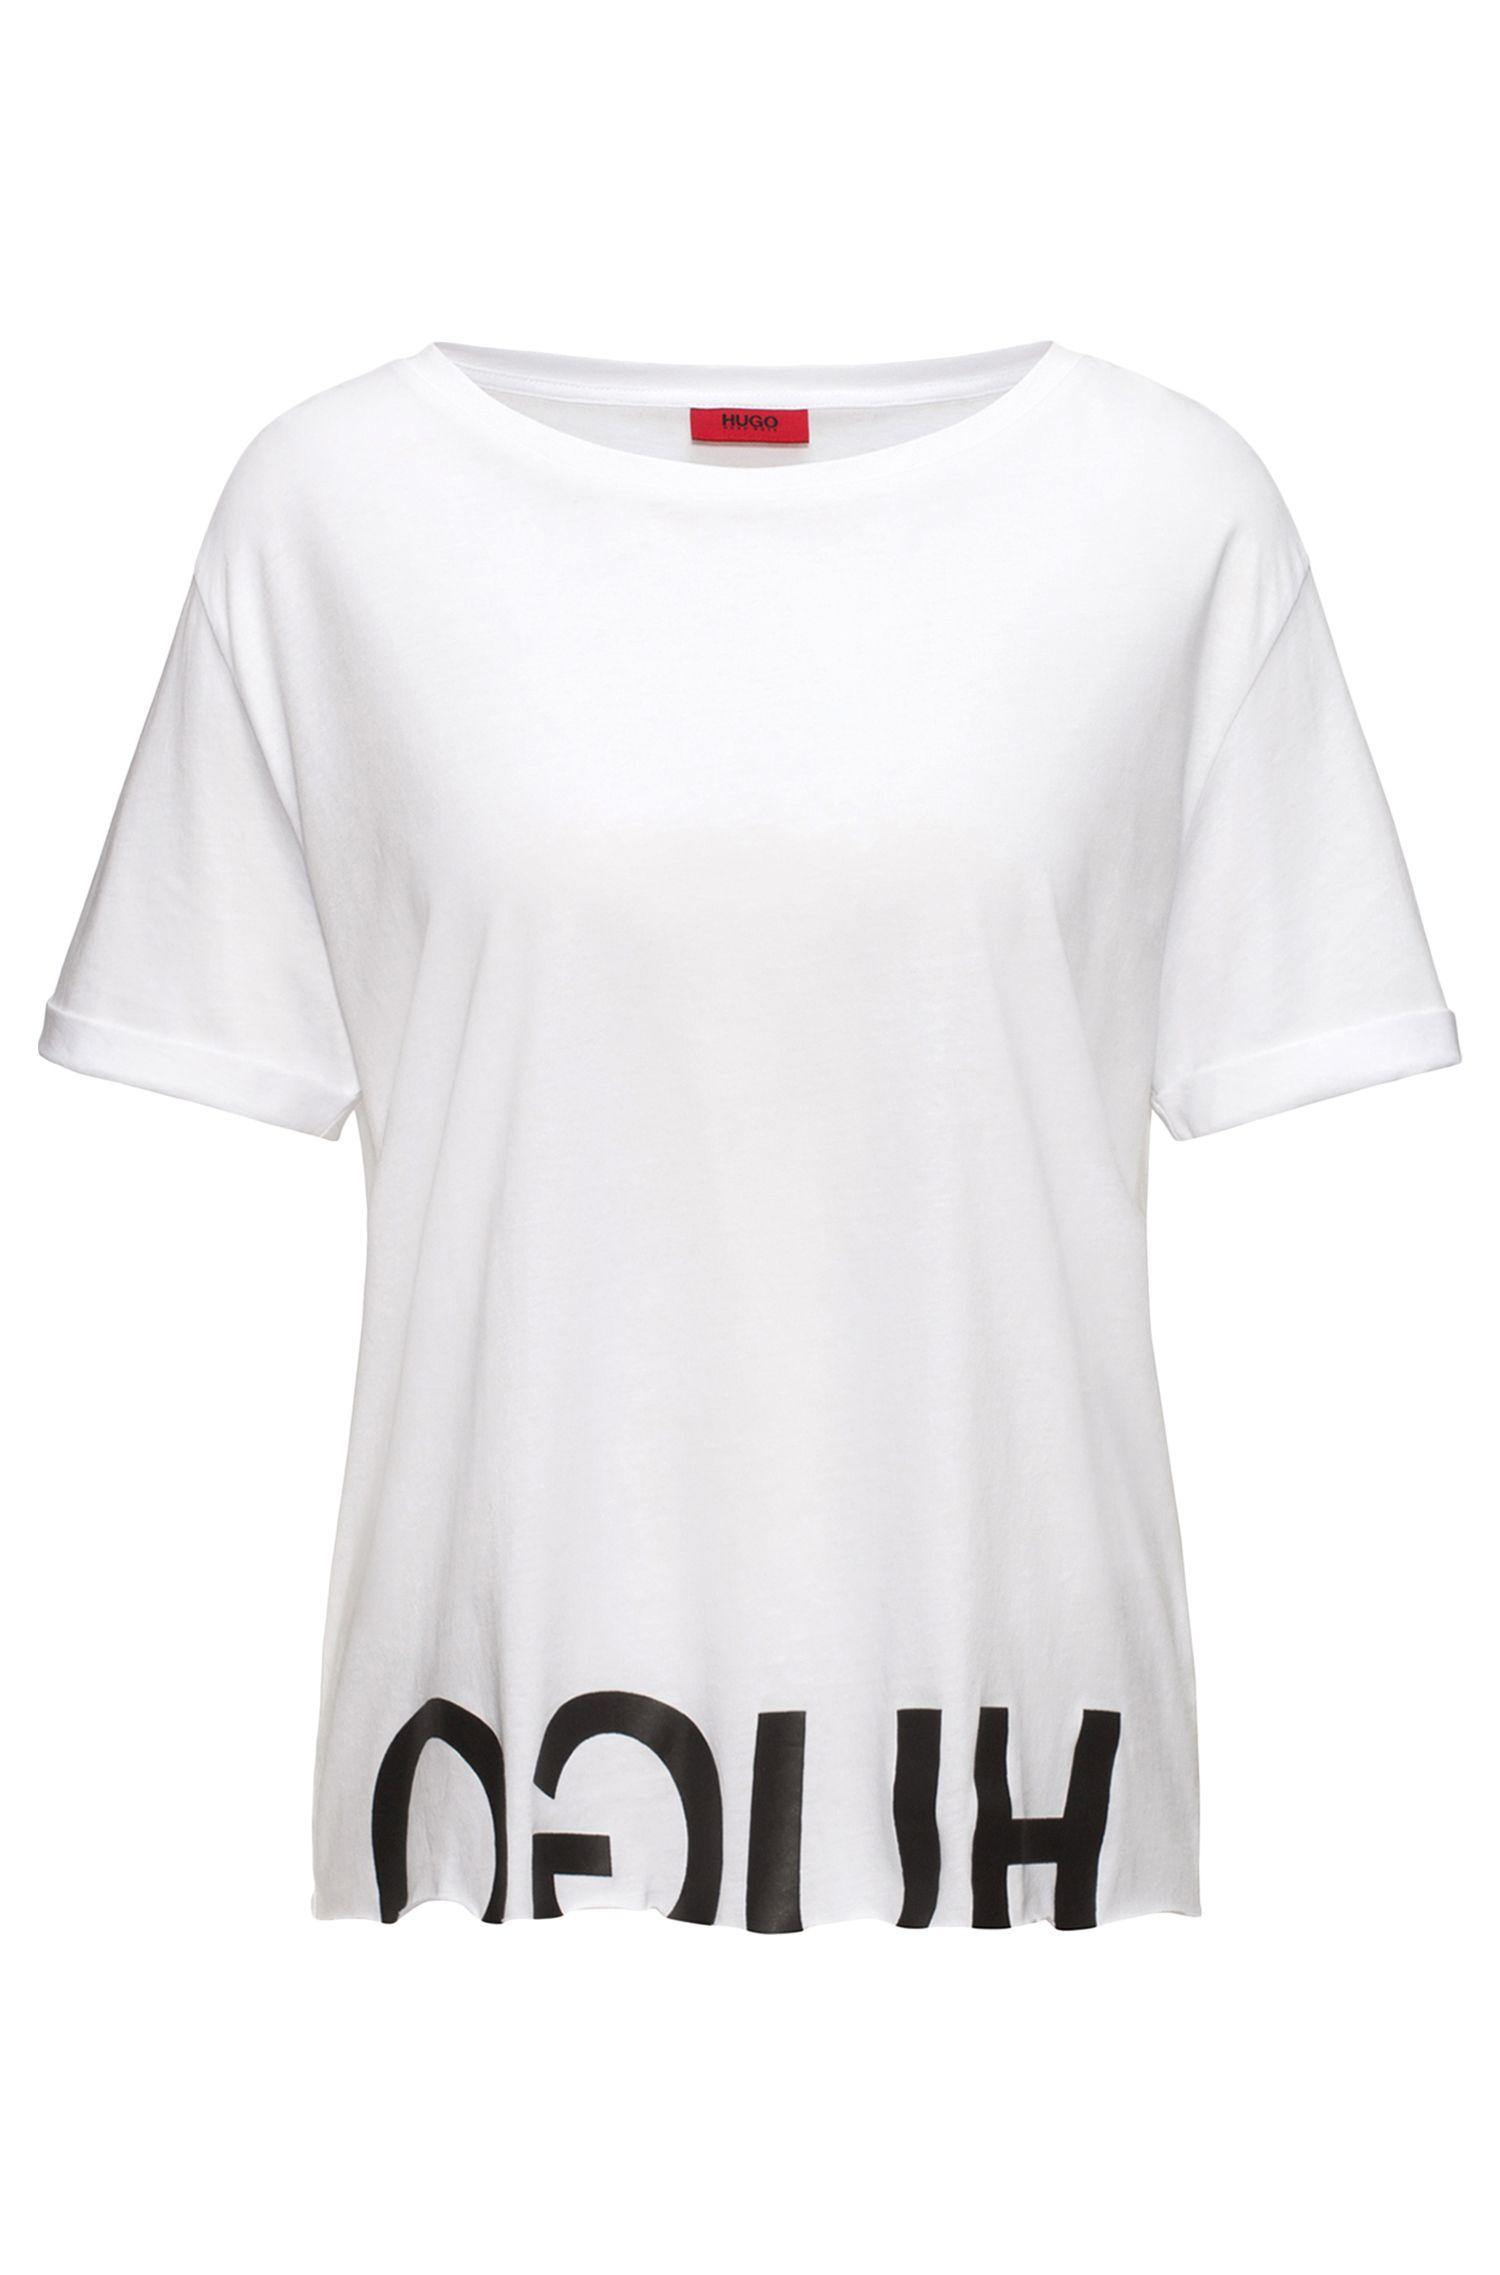 Camiseta relaxed fit de algodón con logo invertido